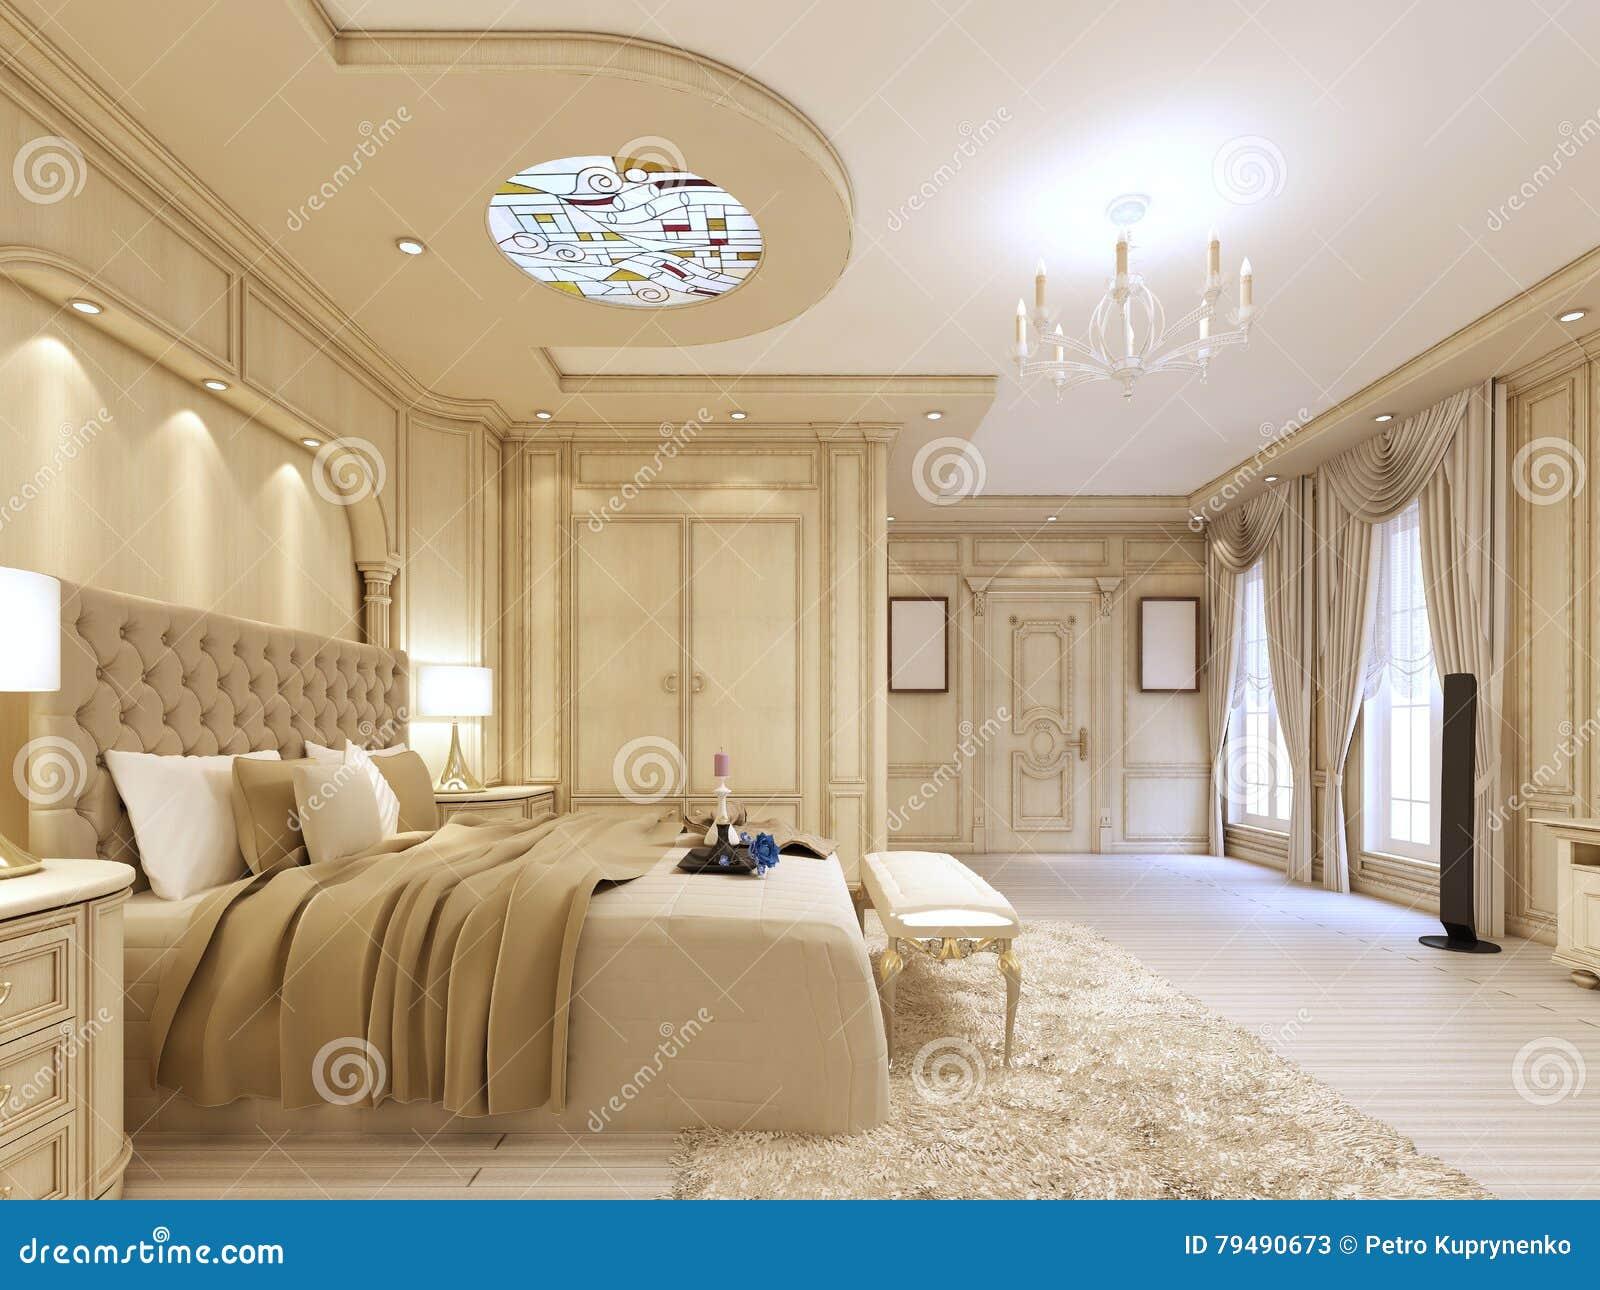 Luxurioses Schlafzimmer In Den Pastellfarben In Einer Neoklassischen